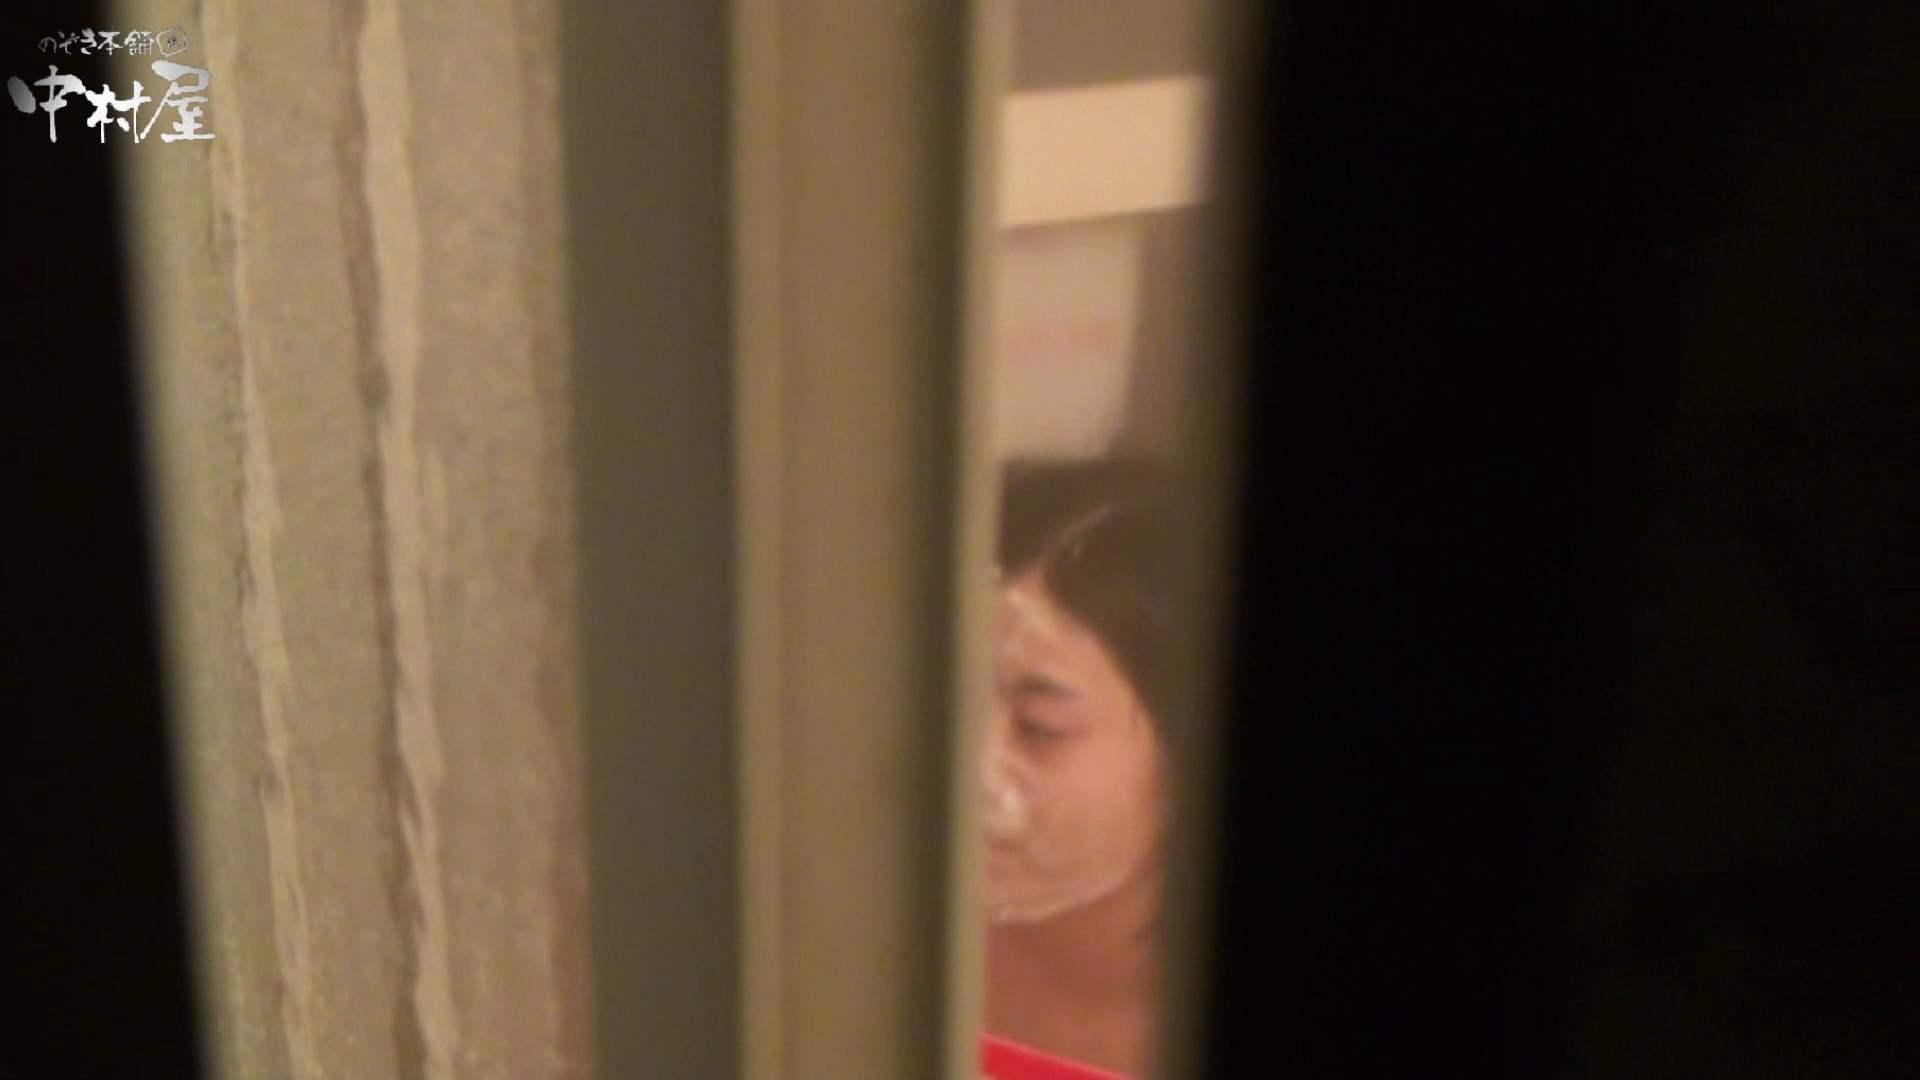 民家風呂専門盗撮師の超危険映像 vol.032 美女まとめ スケベ動画紹介 102PIX 43